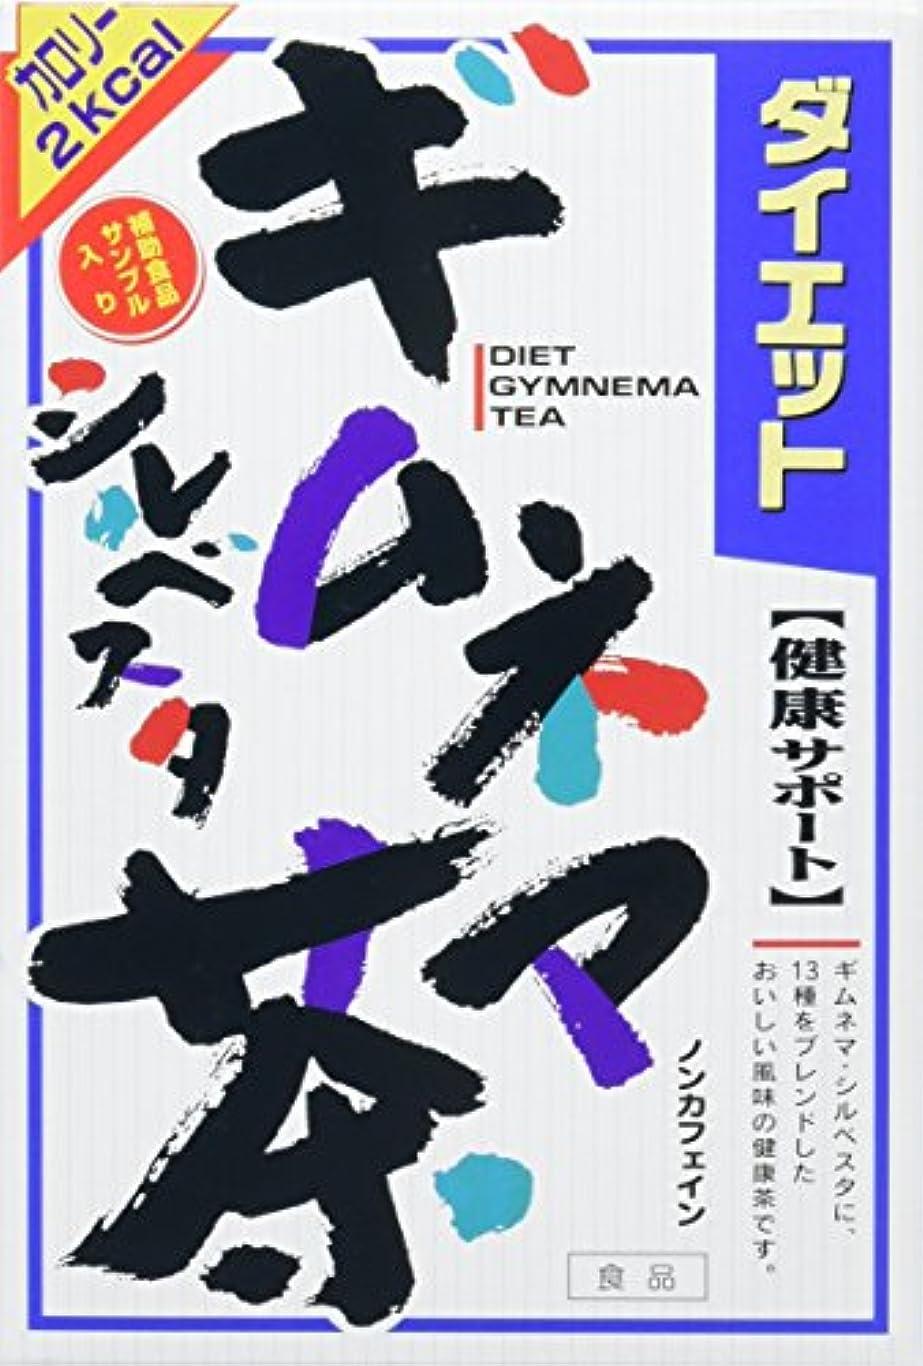 アーティファクトソーシャル苦い山本漢方製薬 ダイエットギムネマ茶980 8gX24H